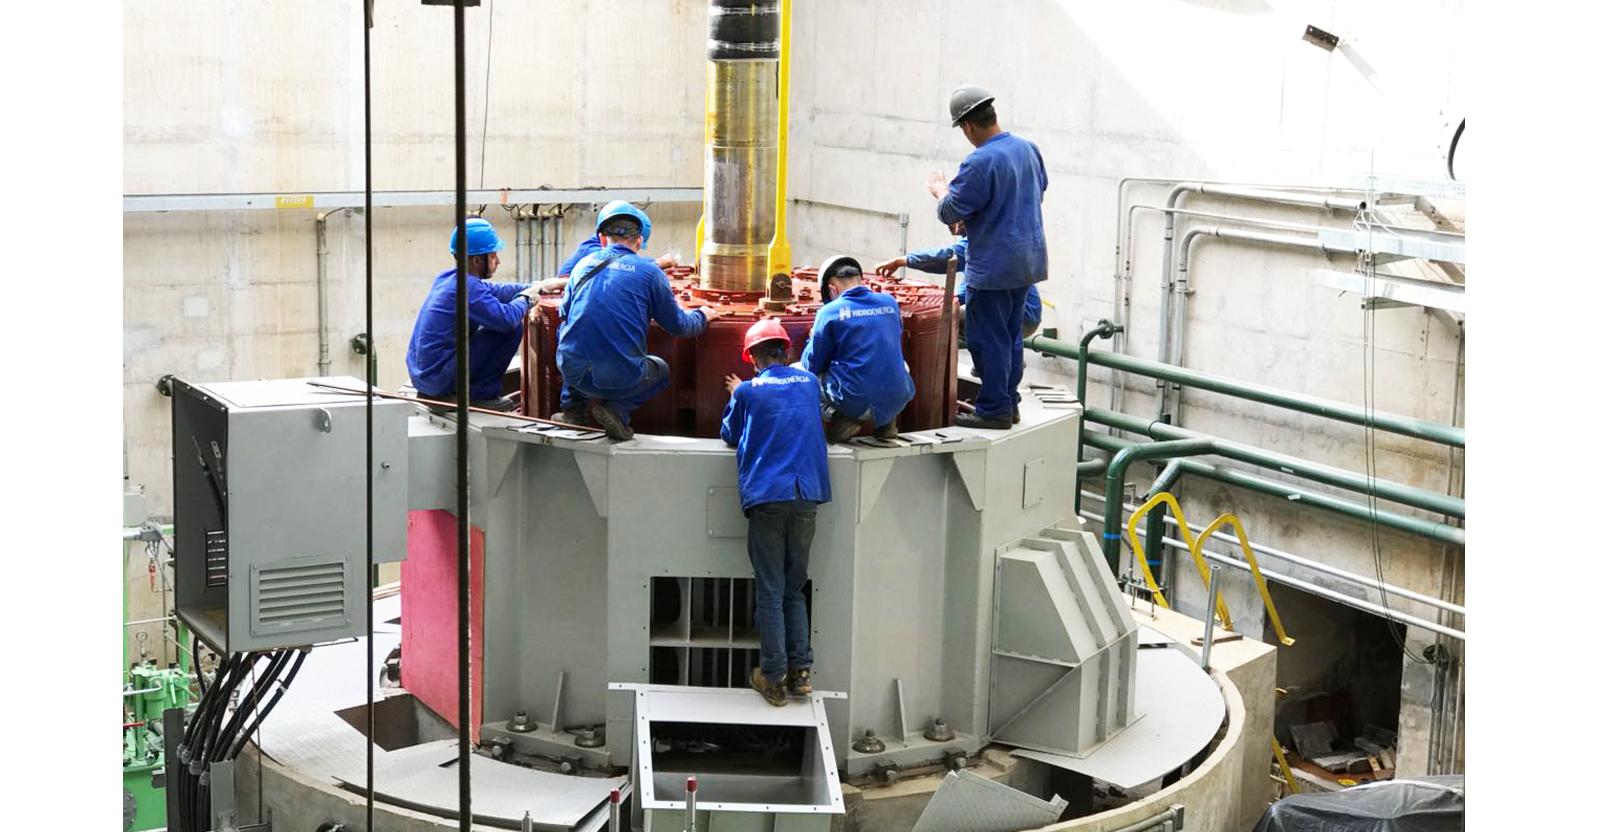 Usinas hidrelétricas: Lentidão nos processos de licenciamento atrasa investimentos de R$ 4 bilhões no RS